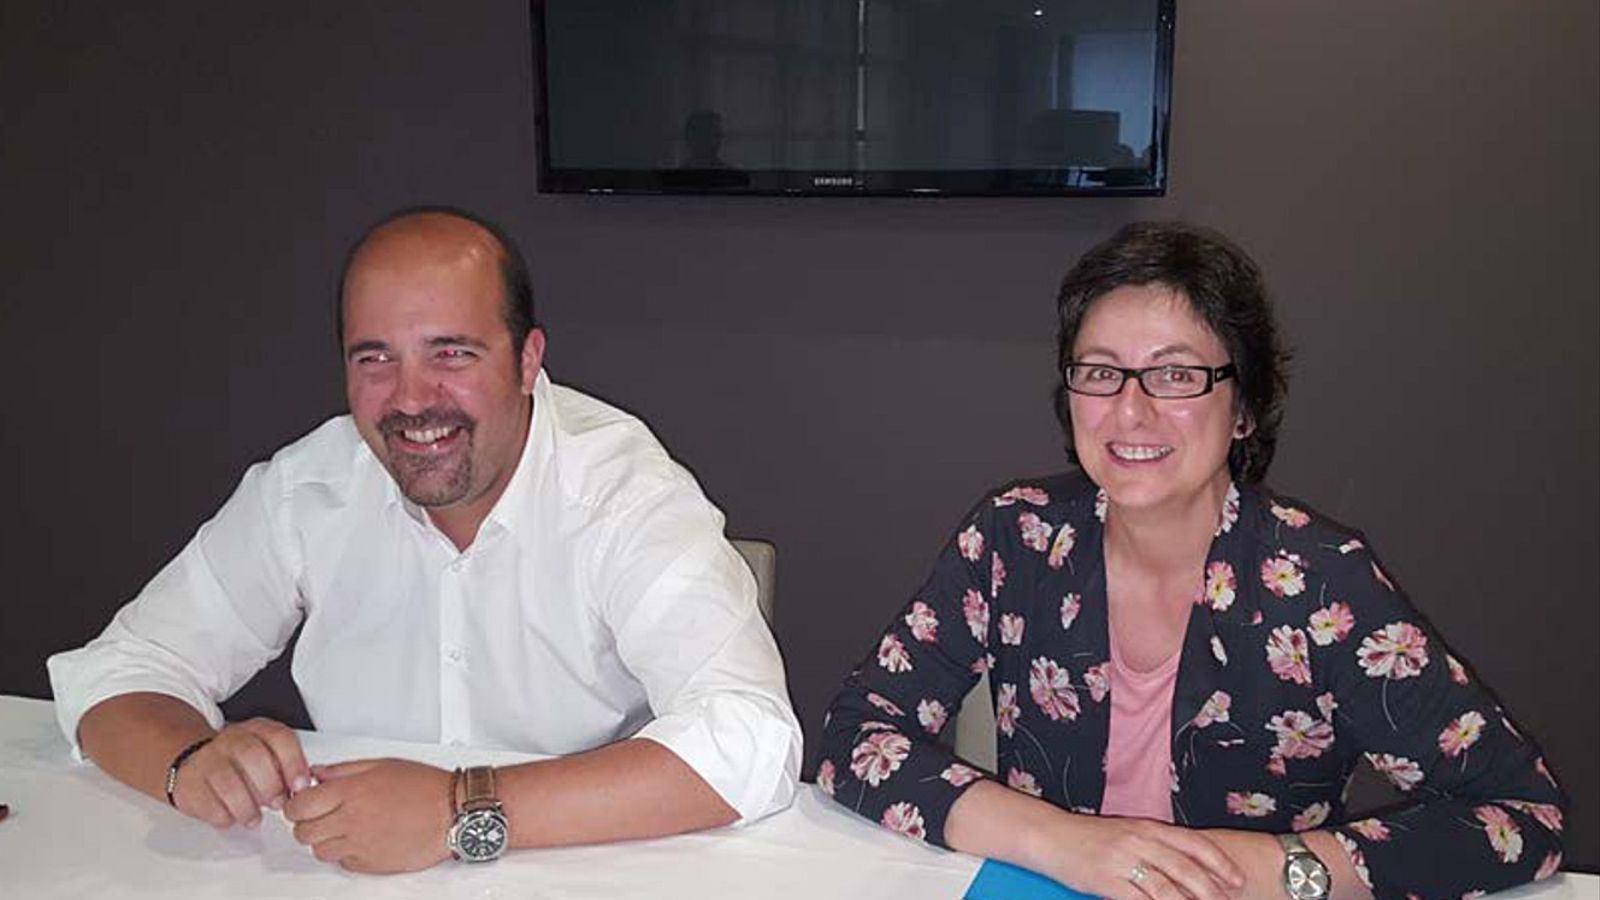 El president del Bàsquet Club MoraBanc Andorra, Gorka Aixàs i la directora d'Unicef Andorra, Marta Alberch / UNICEF